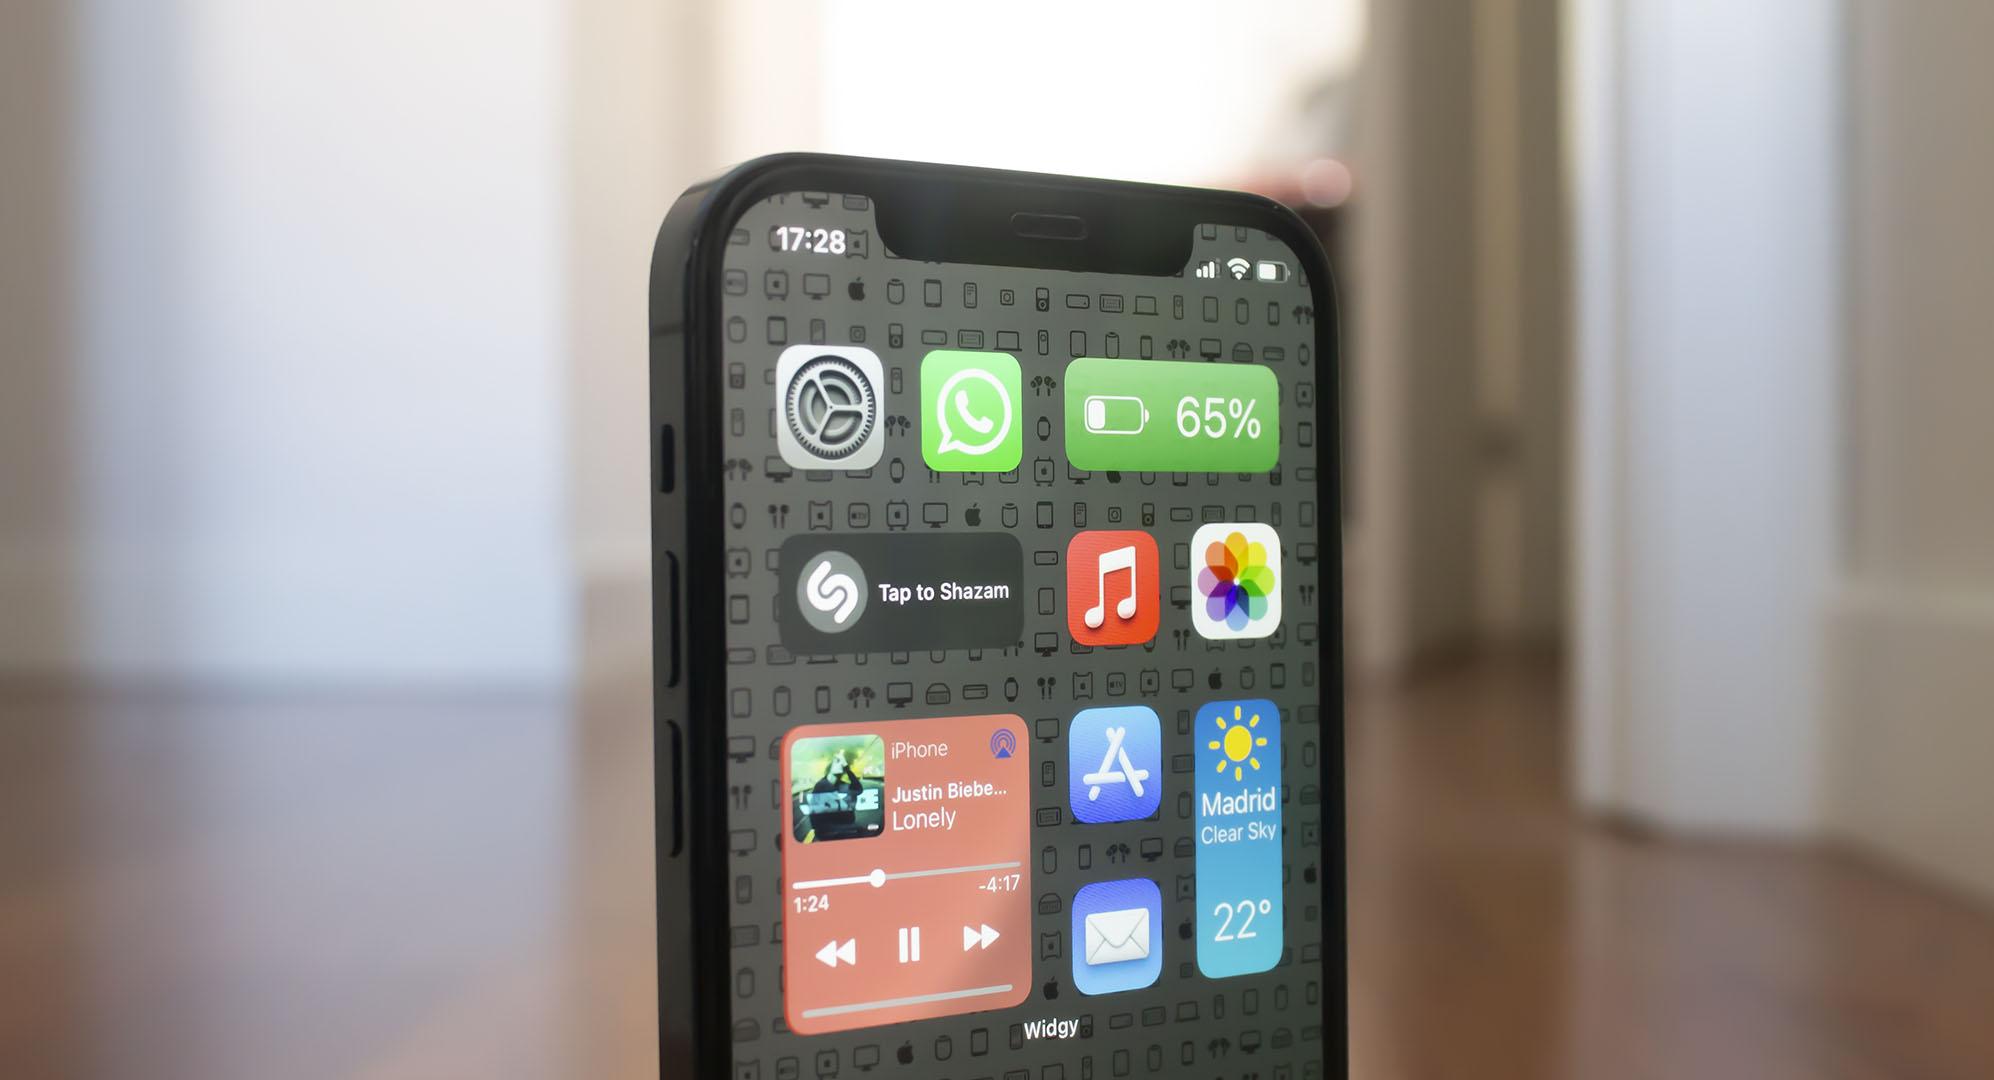 Nueva Interfaz Con iOS 15